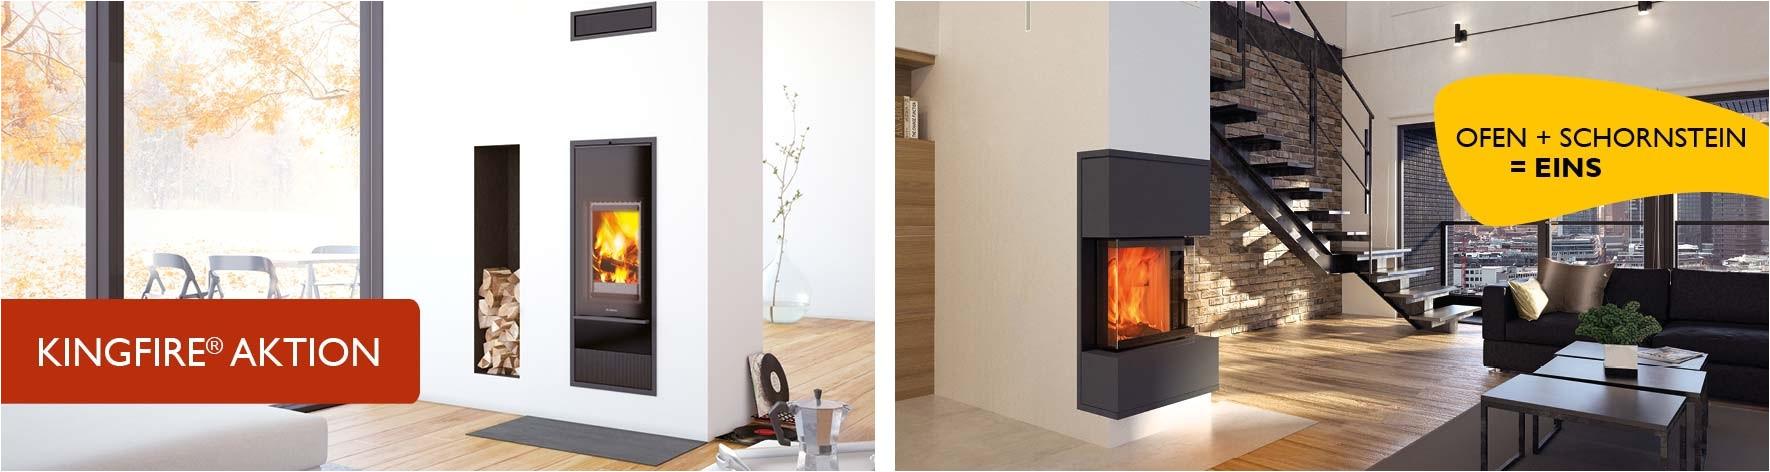 Fireplace Xtrordinair Model 44 Elite Schiedel Heizen Luften Leben Schornstein Ofen Abgas Und